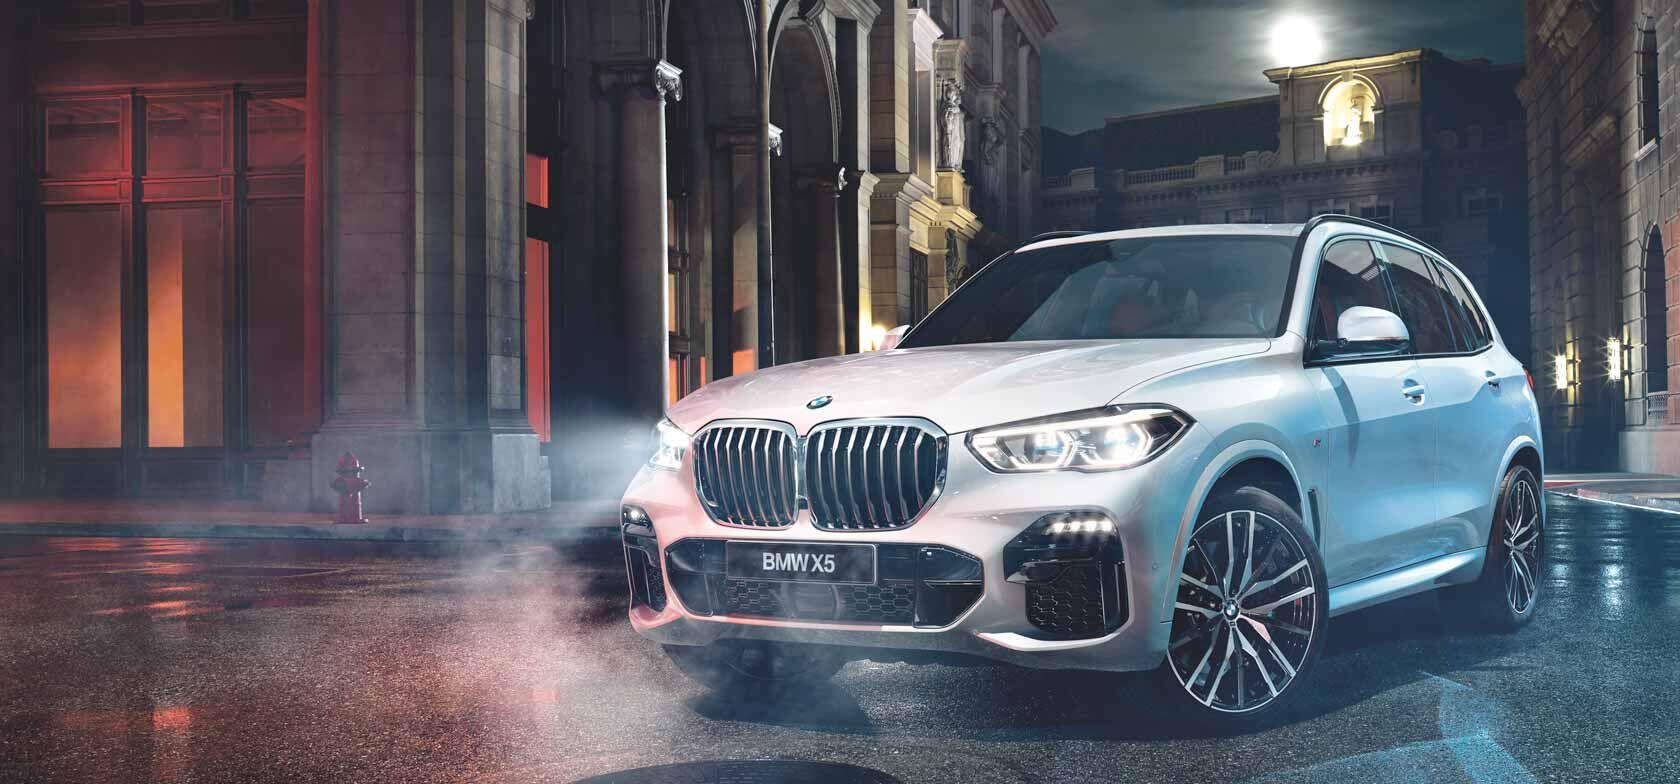 TÄYSIN UUSI BMW X5. SAATAVANA MYÖS LADATTAVANA HYBRIDINÄ.